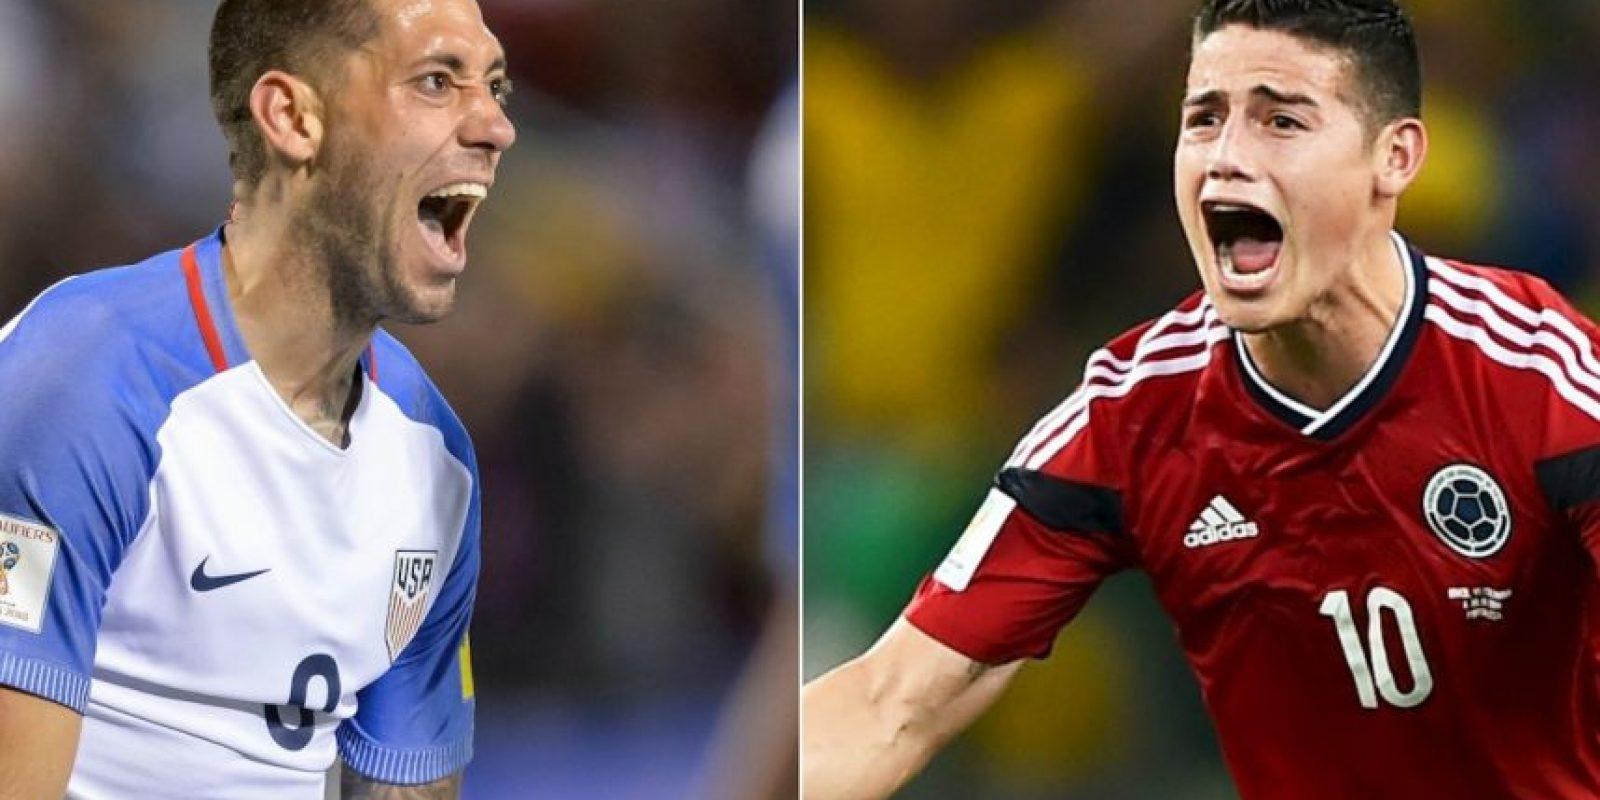 Estados Unidos vs. Colombia, partido inaugural de la Copa América Foto:Getty Images